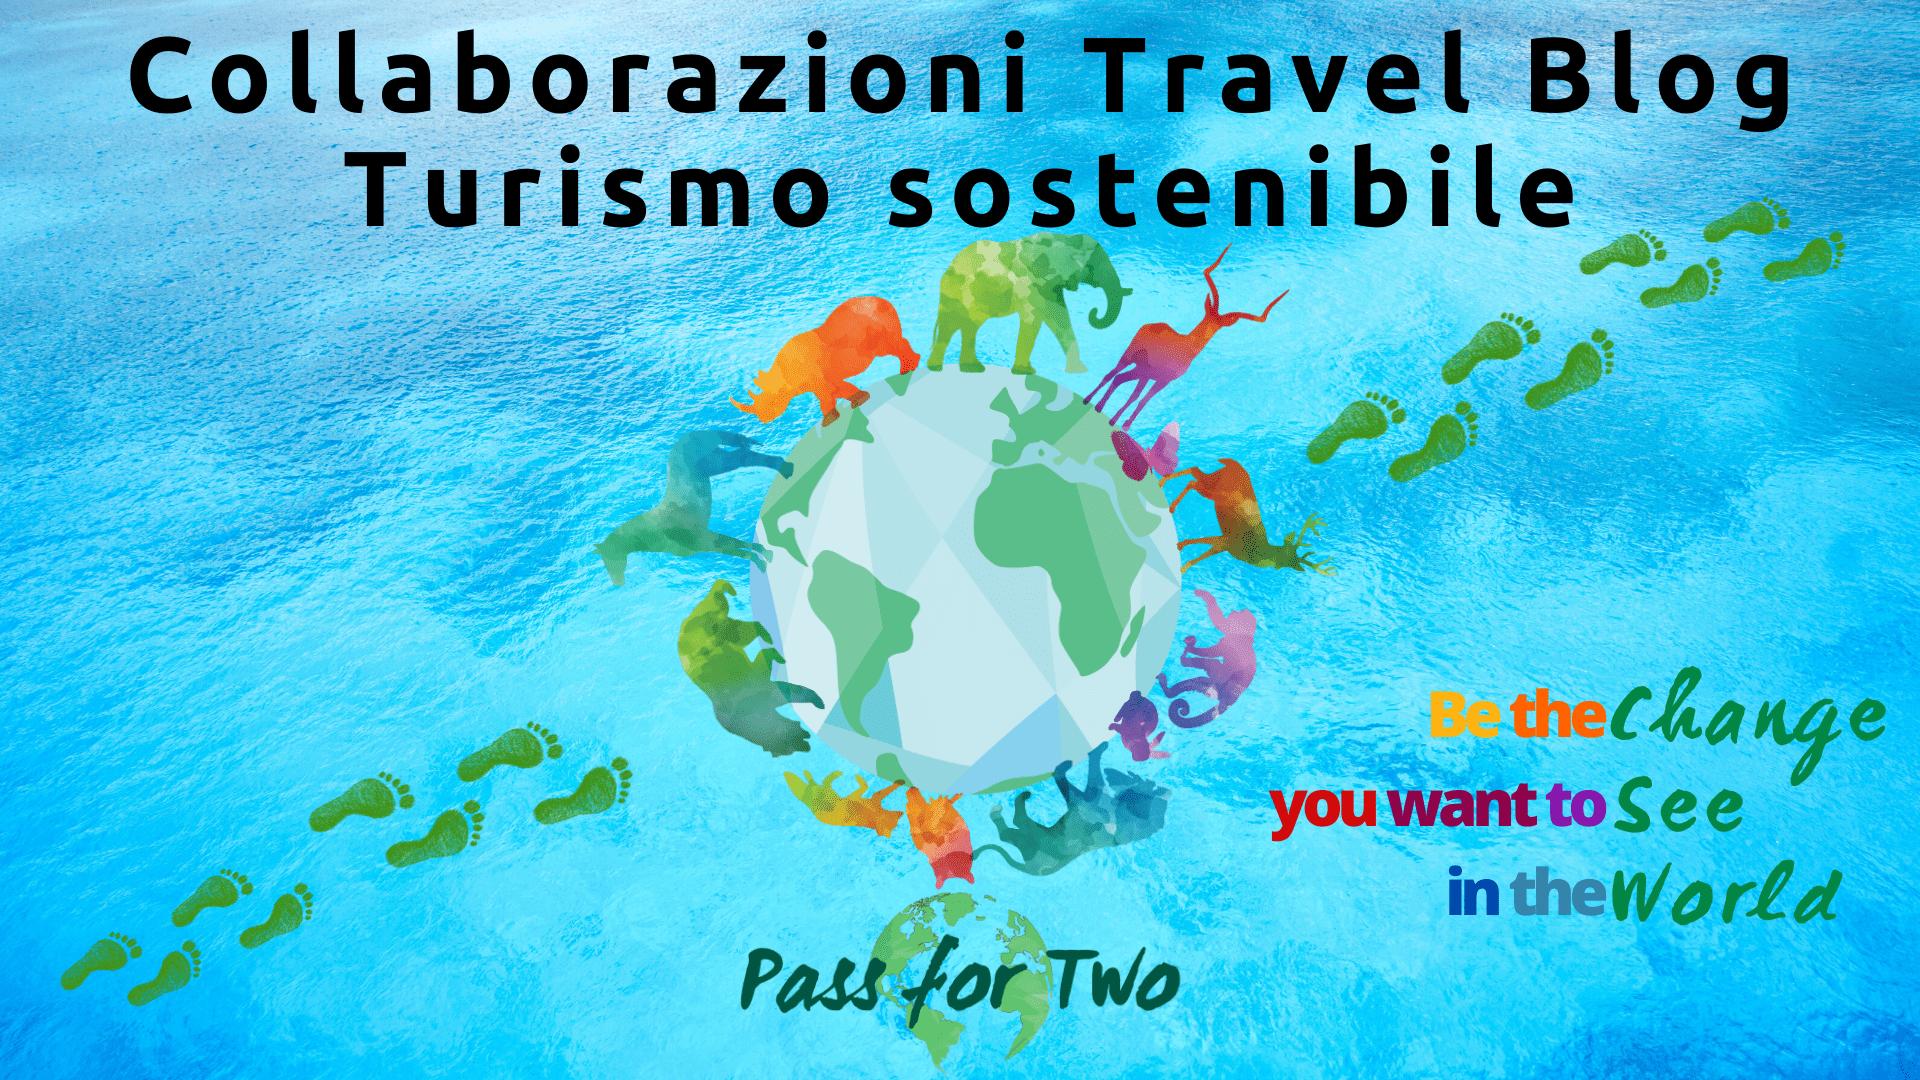 Collaborazioni Travel Blog